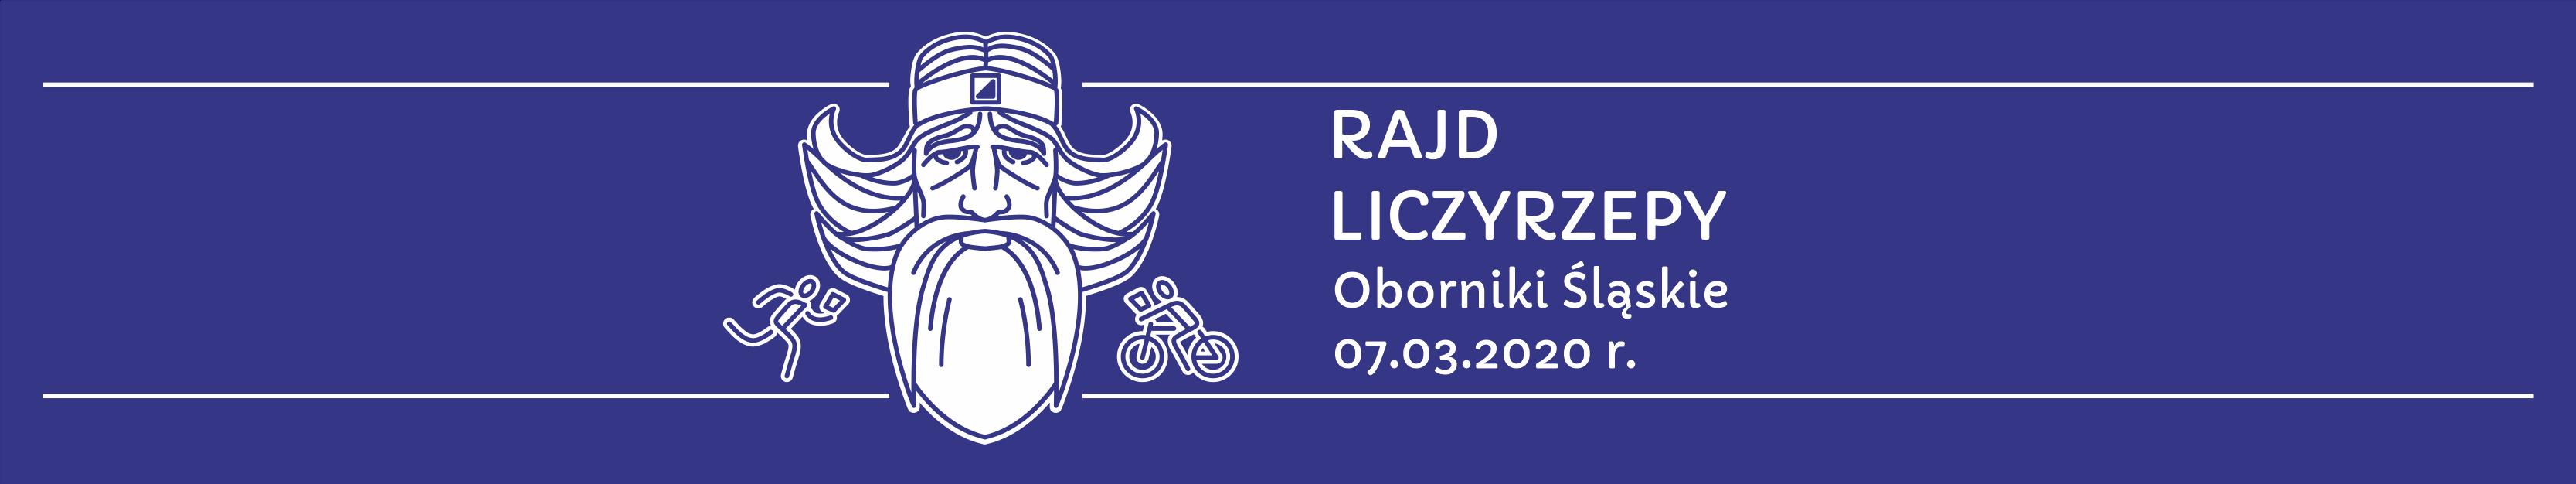 Rajd Liczyrzepy